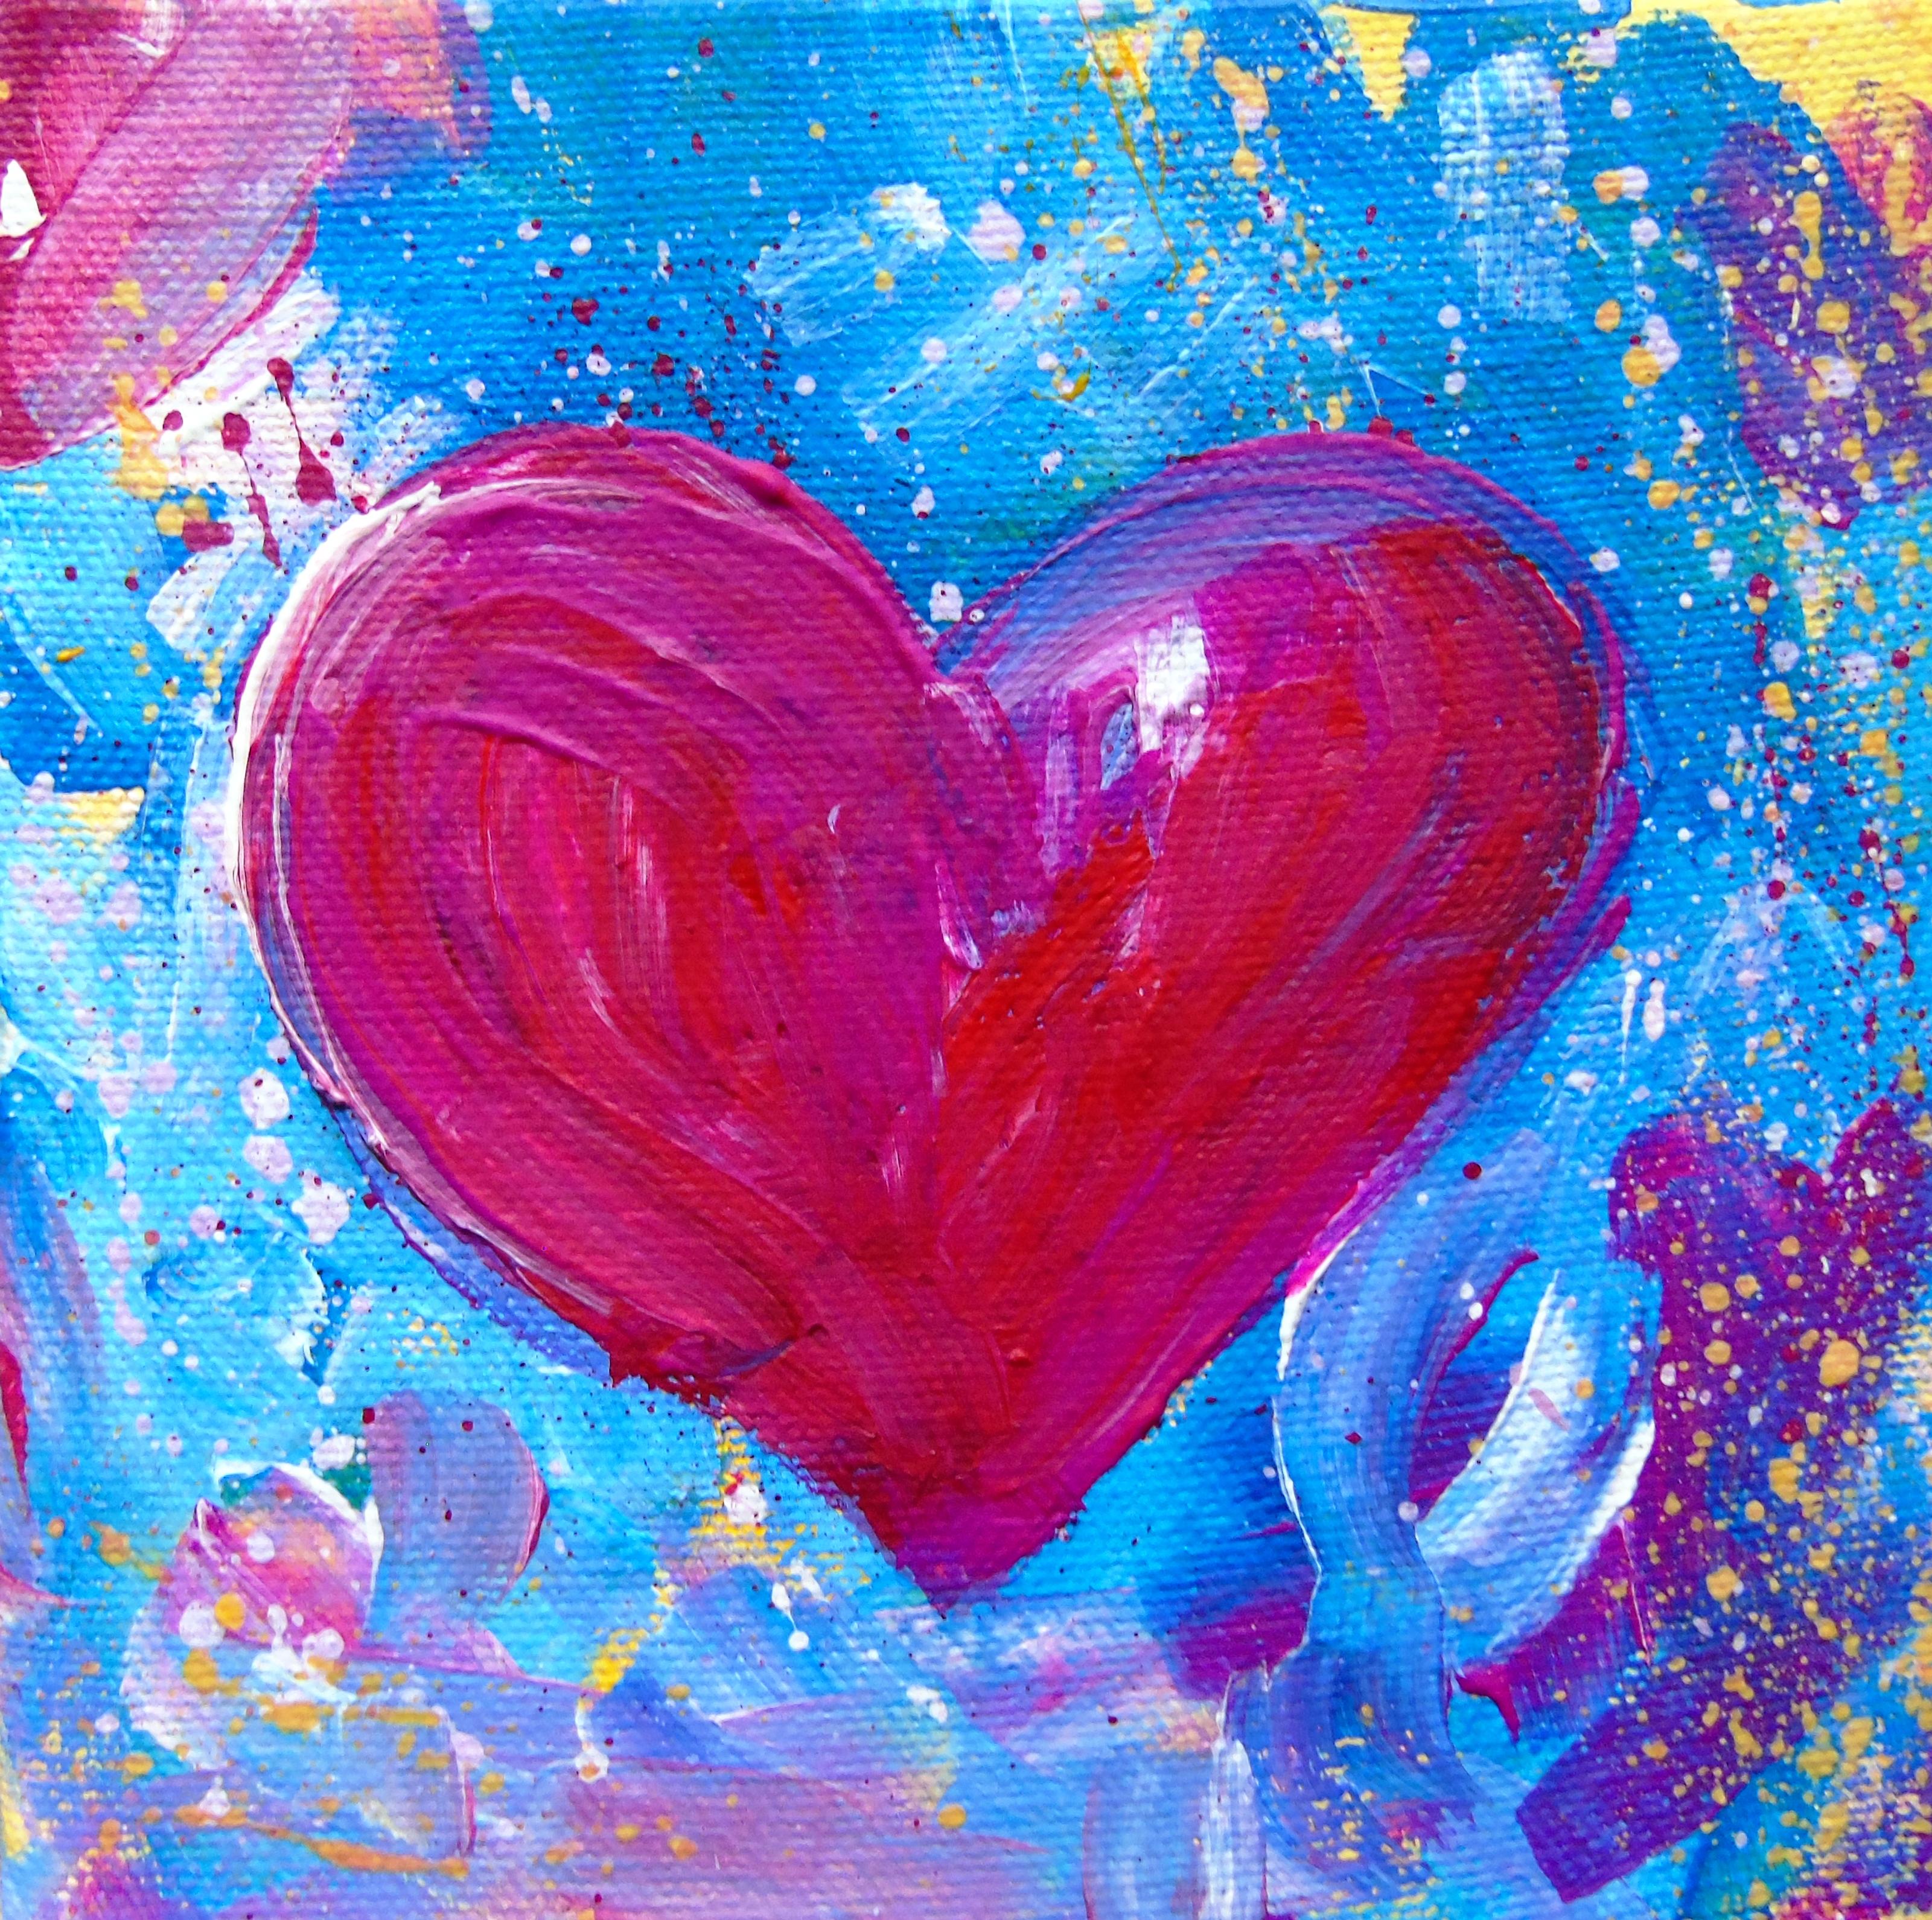 heart canvas 2